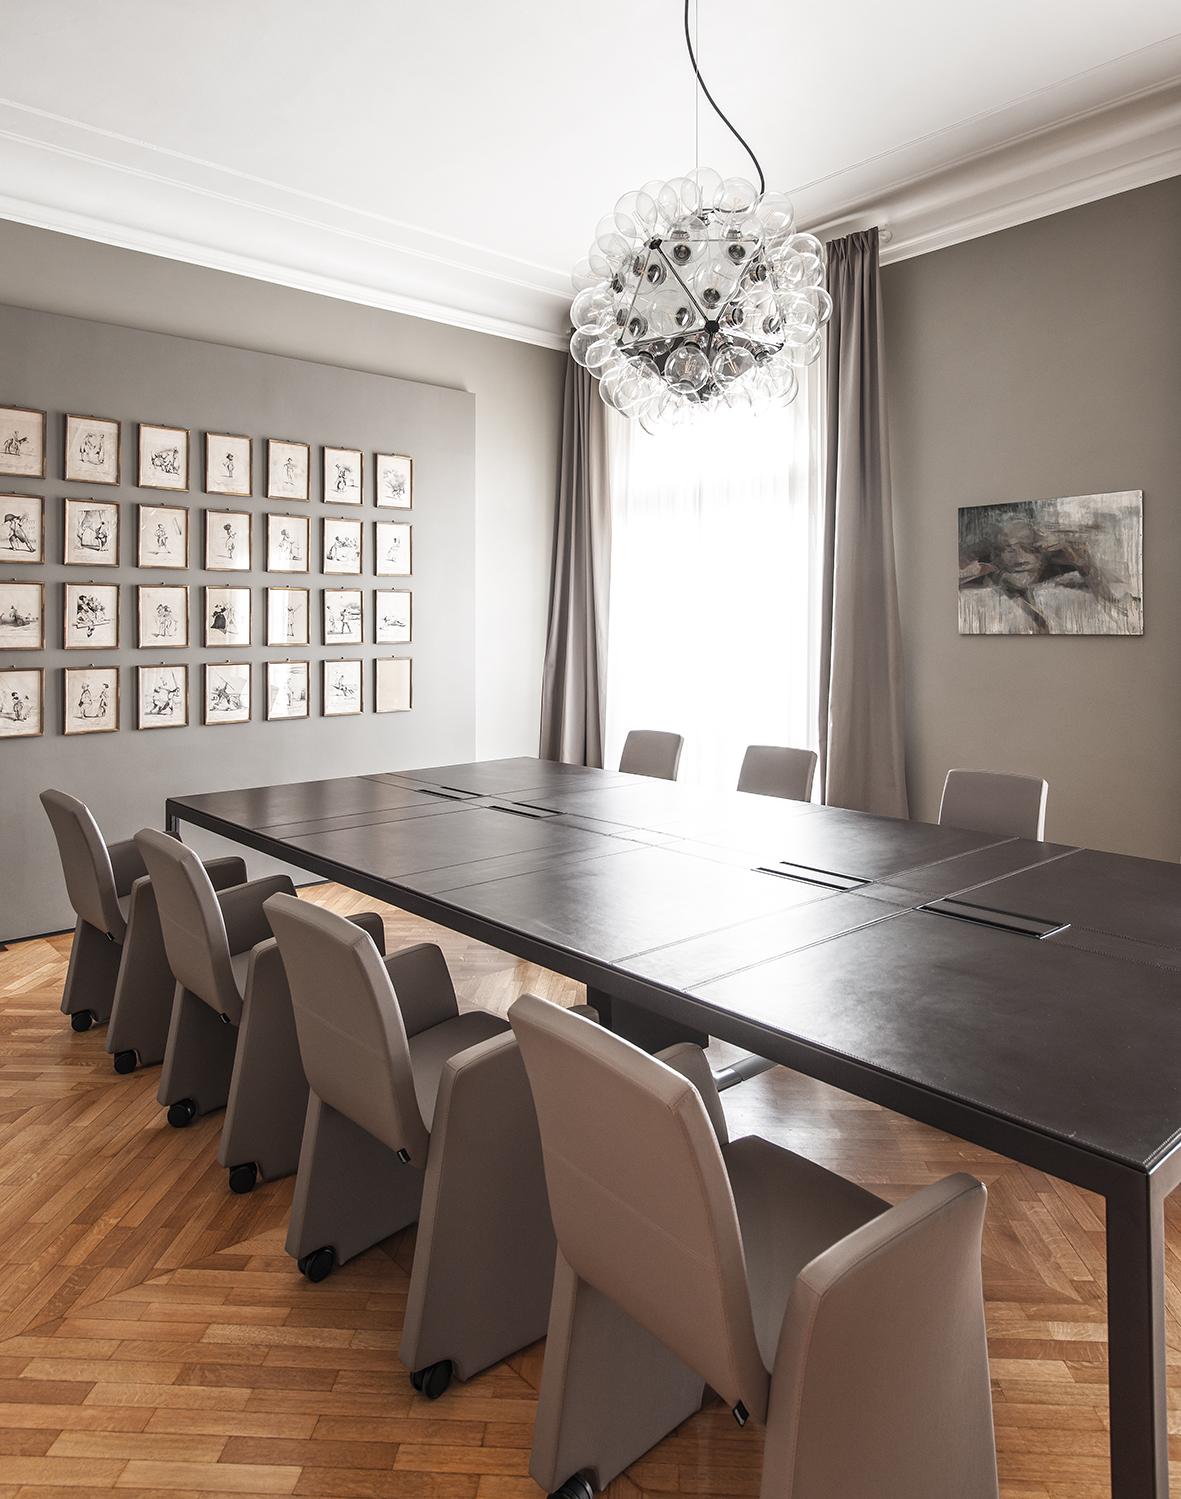 Un progetto di interior design che ha ridisegnato gli for Arredo studio design